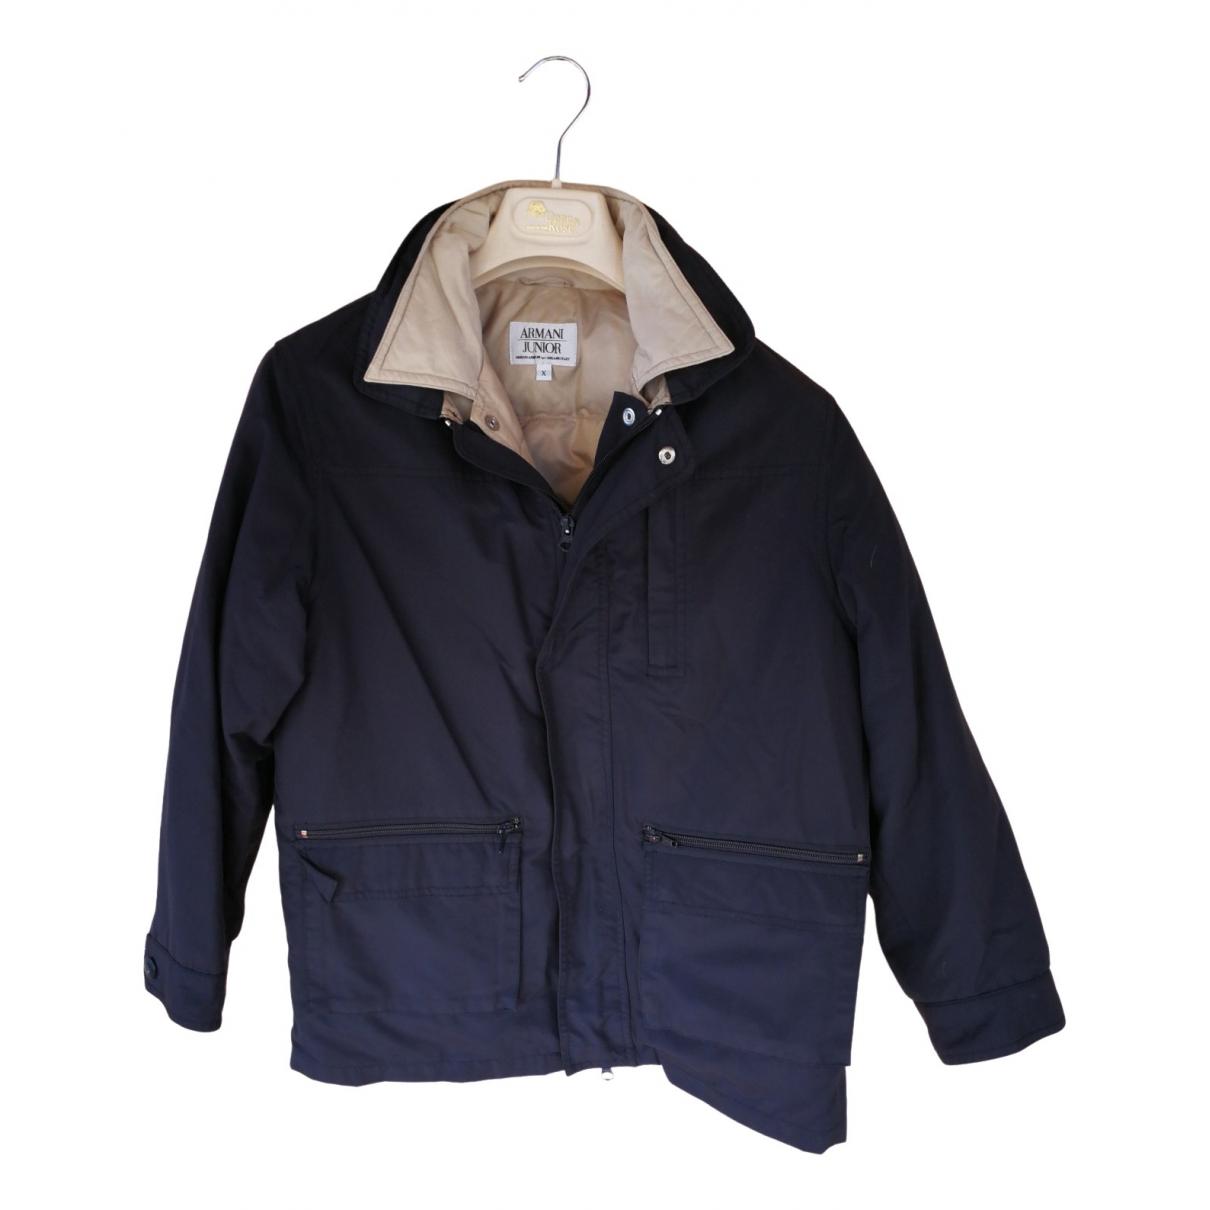 Armani Baby - Blousons.Manteaux   pour enfant - bleu